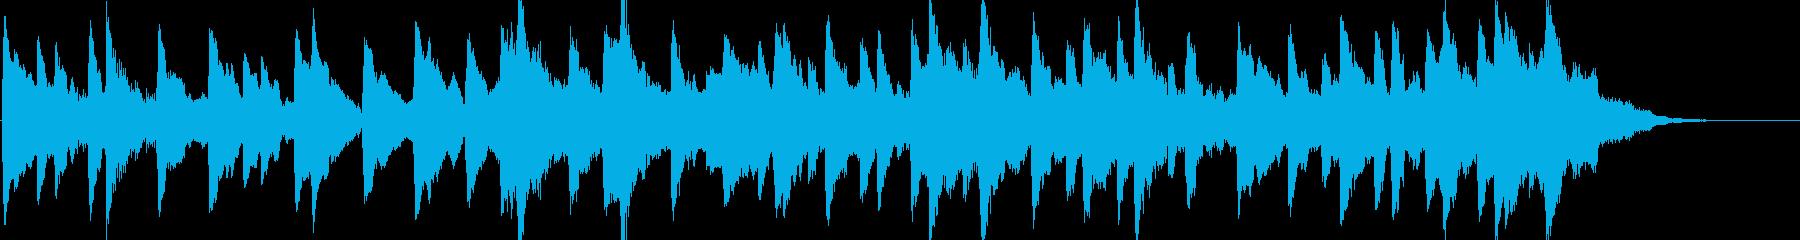 童謡「雪やこんこん」オルゴールbpm96の再生済みの波形